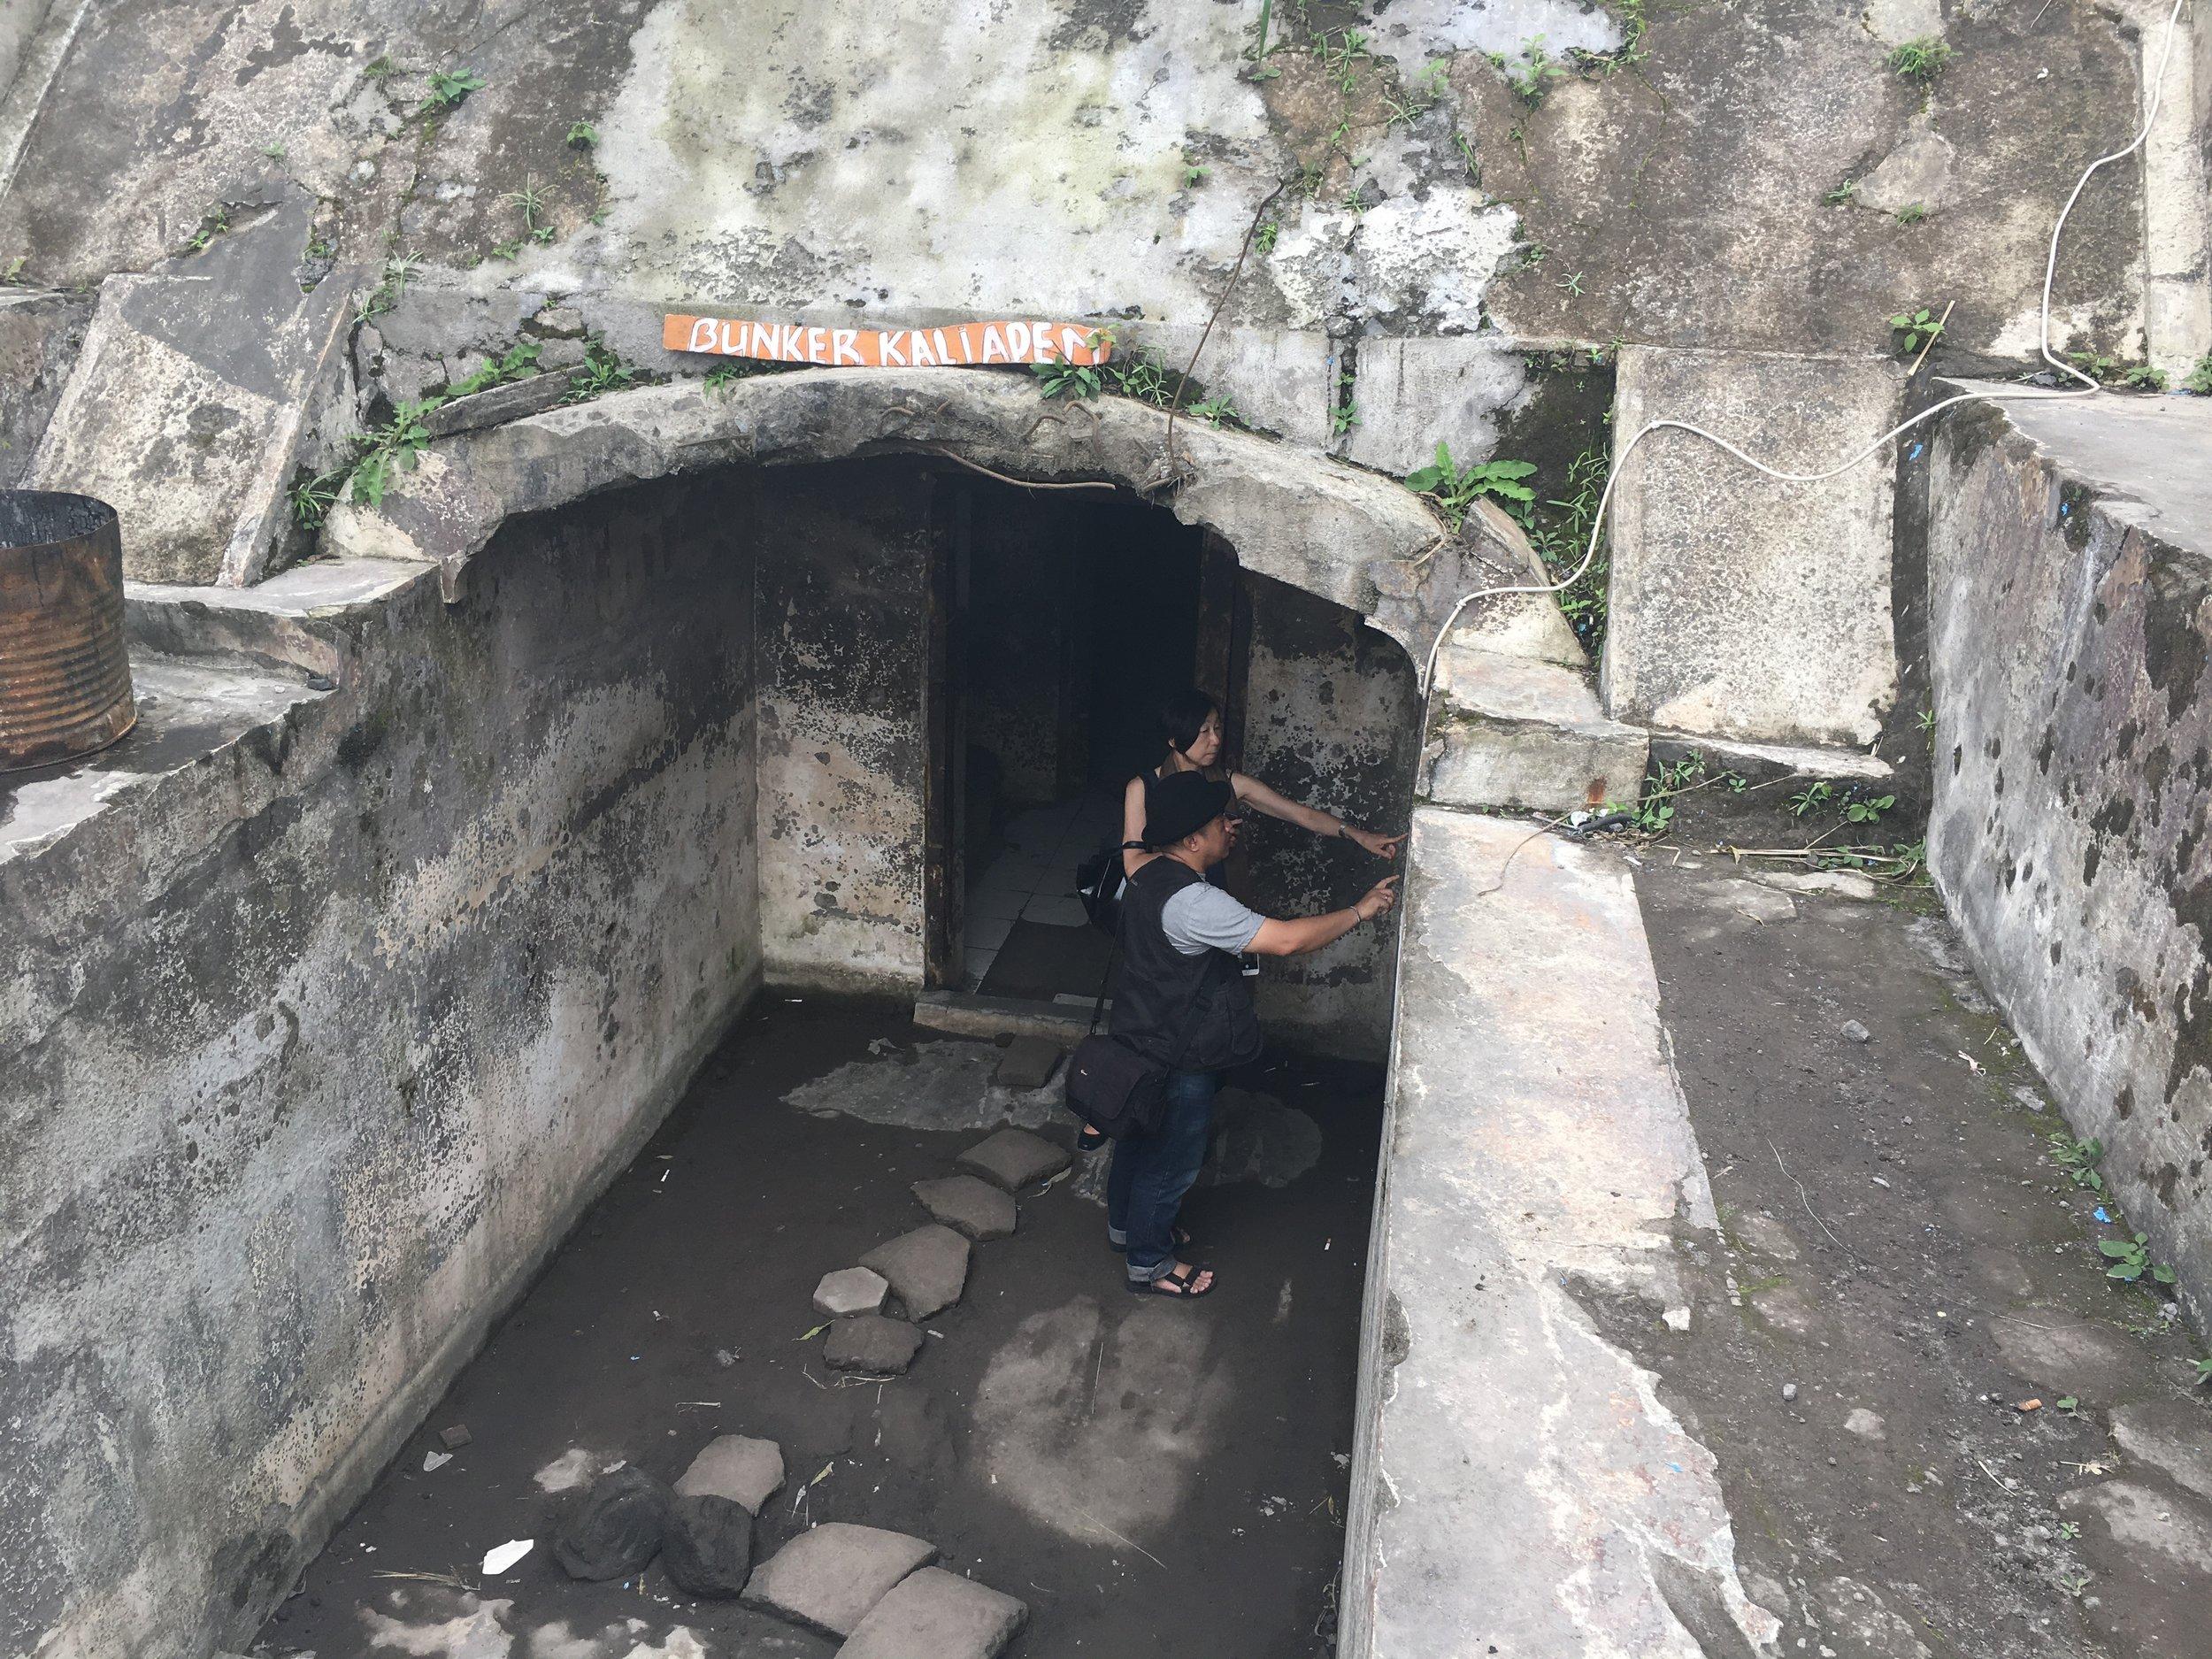 Bunker entrance at Kaliadem.